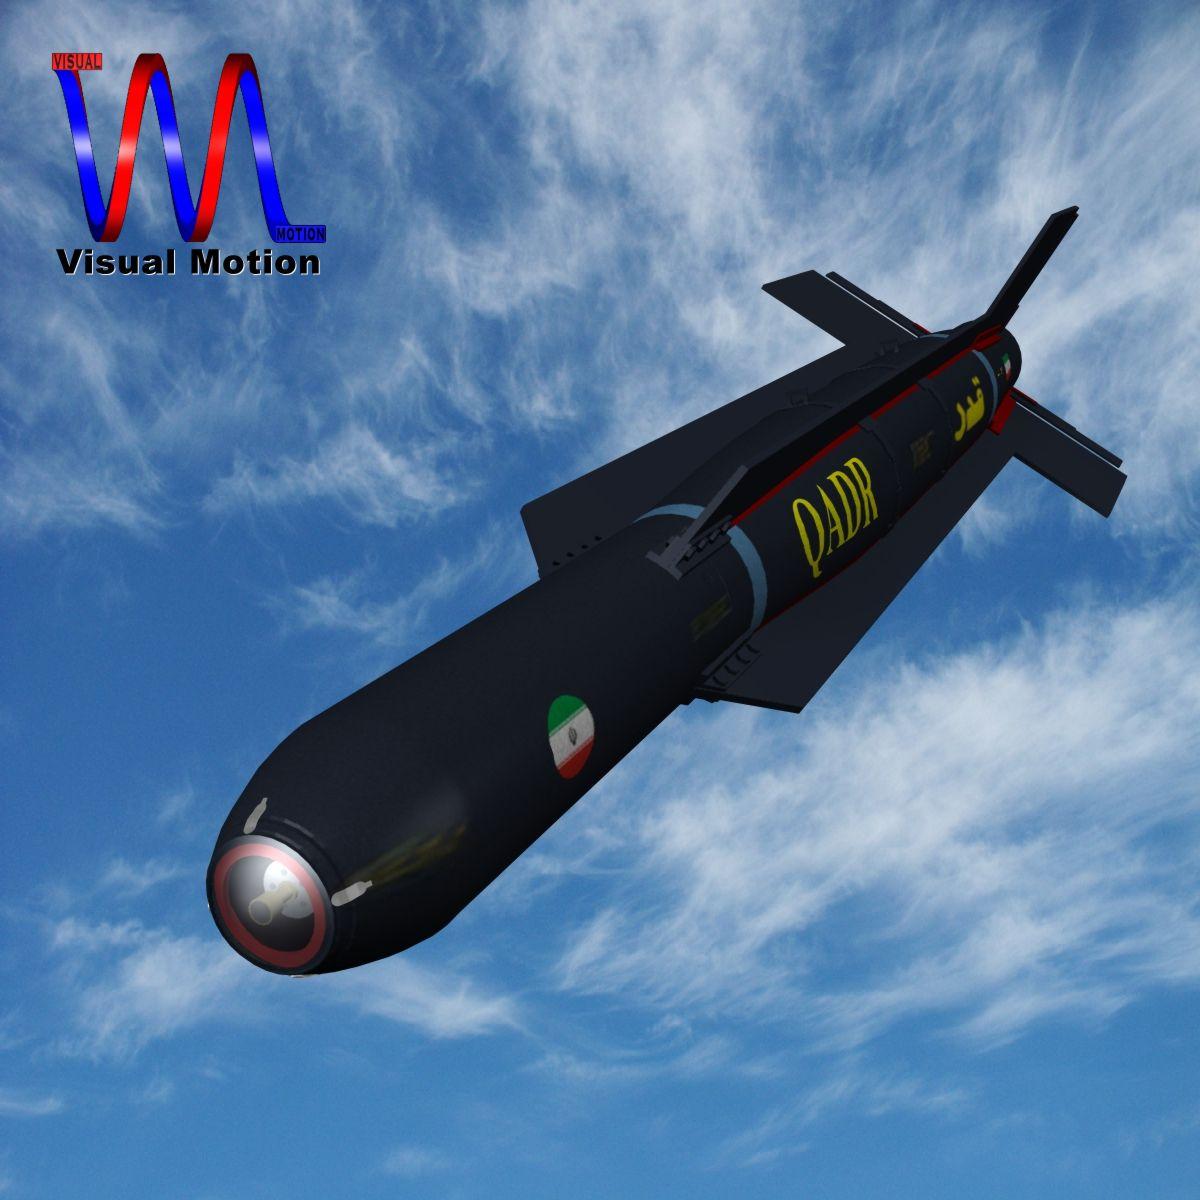 iranian qadr bomb 3d model 3ds dxf x cod scn obj 149551